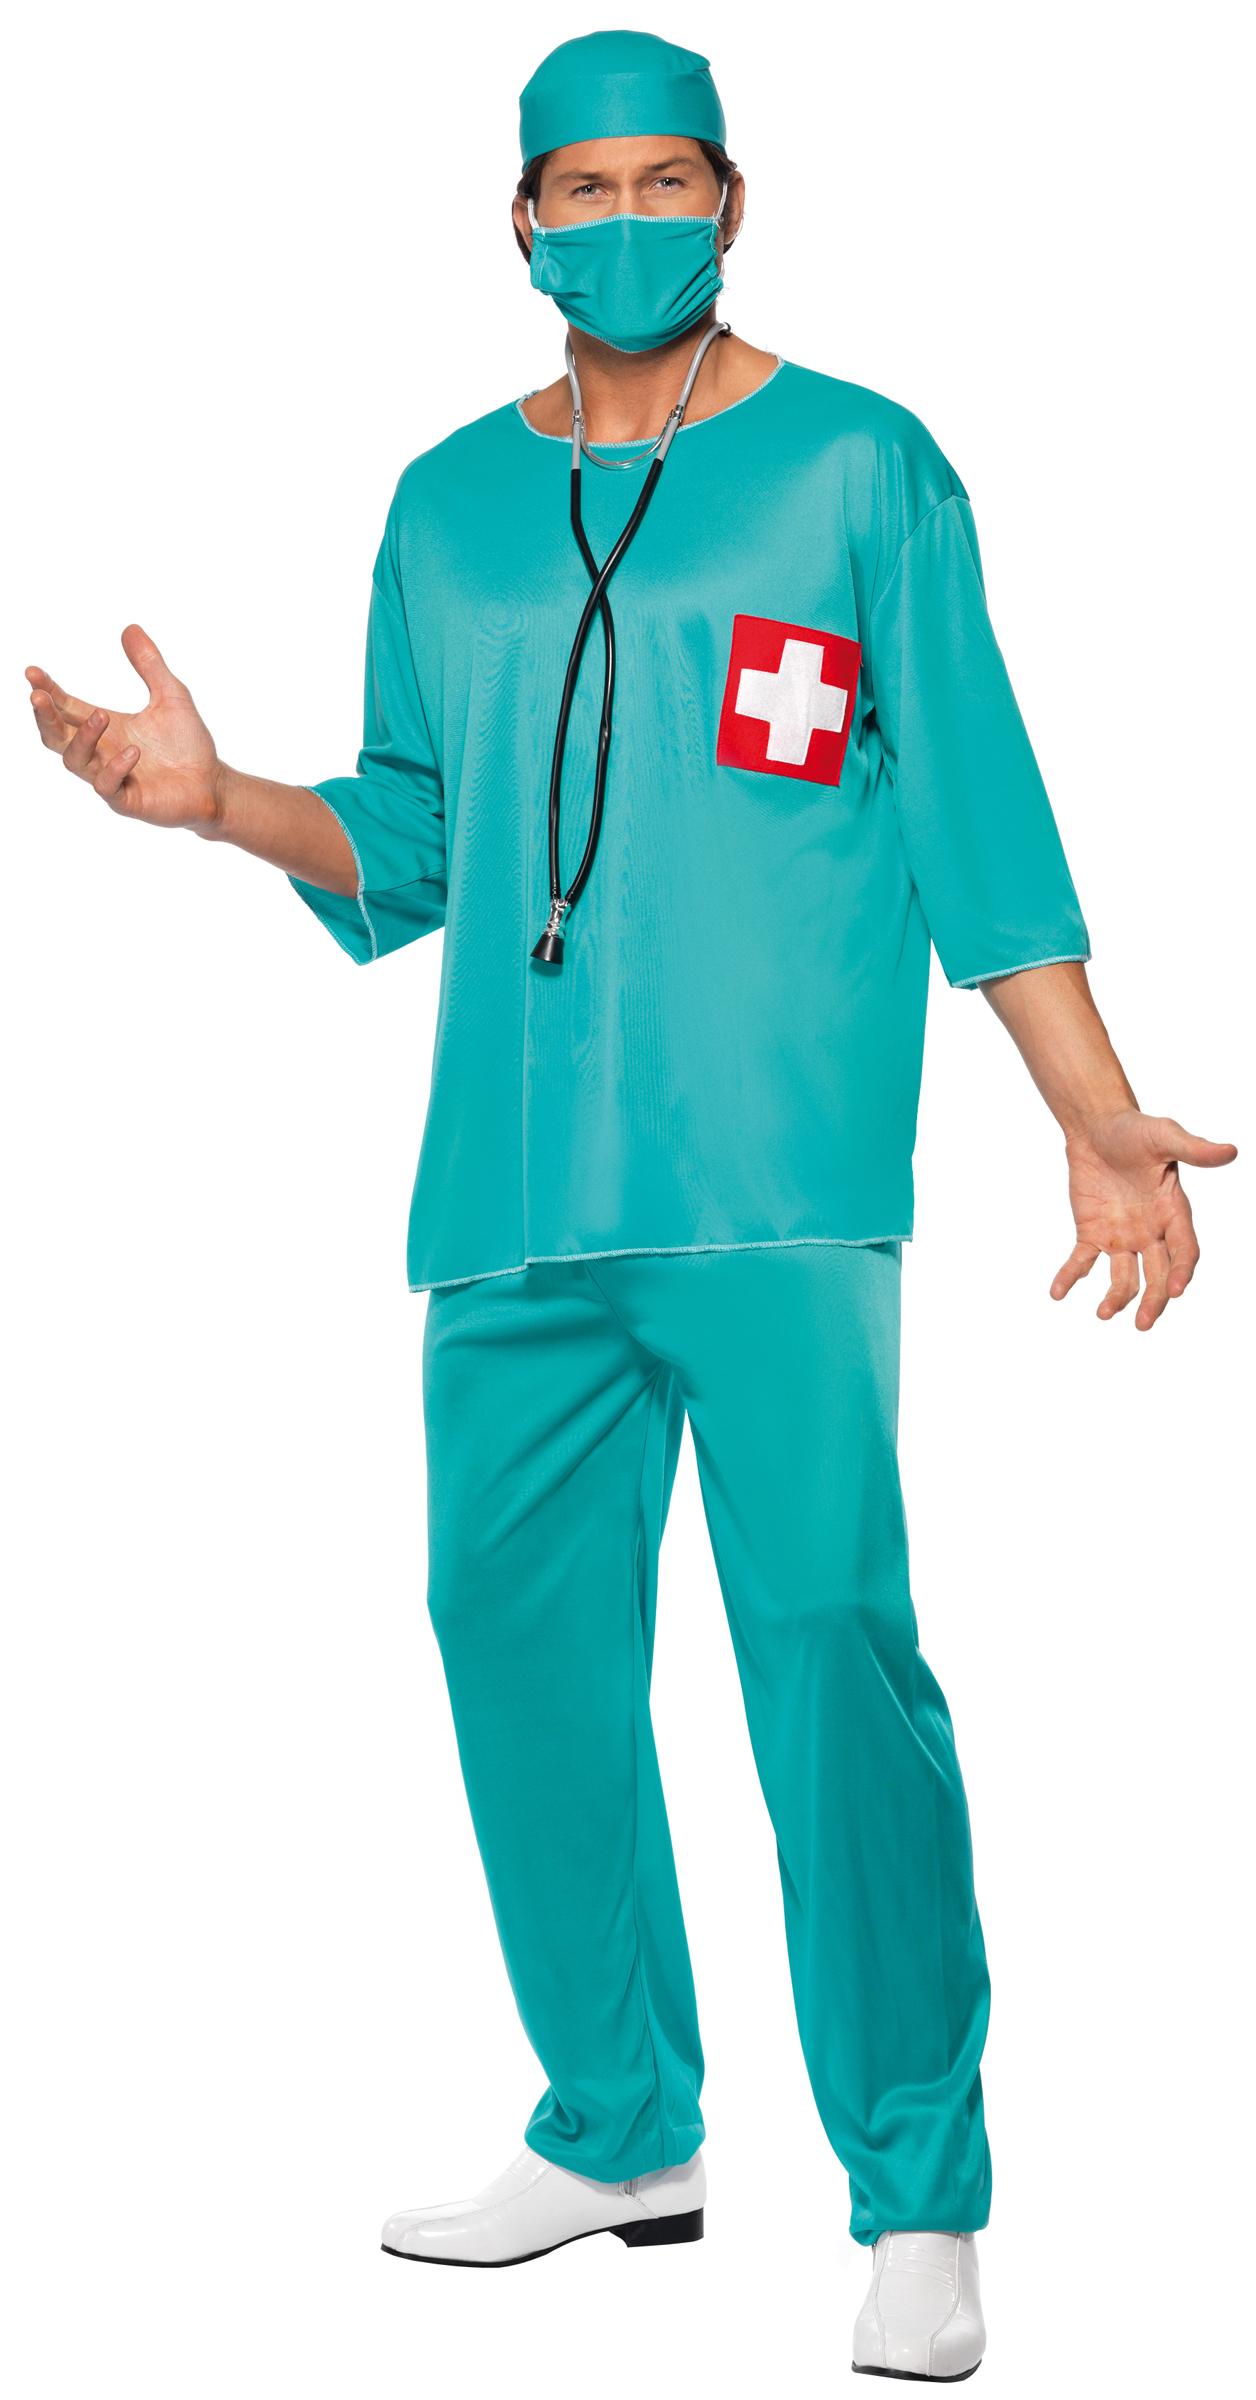 D 233 Guisement Chirurgien Homme Costume Docteur Pas Cher Soir 233 E Costum 233 E